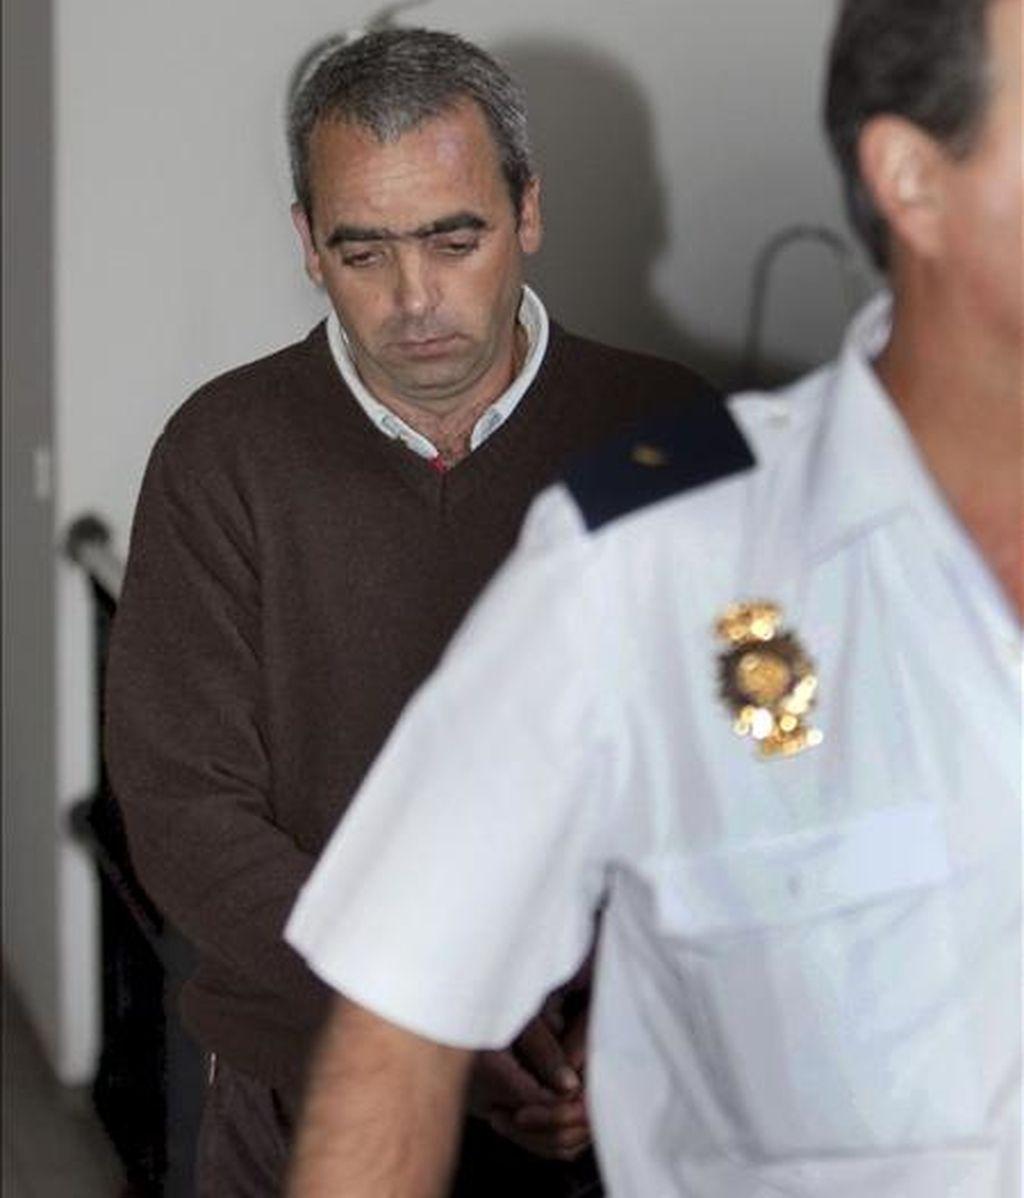 El padrastro de Yuliza Pérez, Antonio Luis Ferreira Machado, a su llegada a la Audiencia Provincial de Las Palmas donde ha sido declarado culpable de asesinato como autor de la muerte de la joven dominicana, ocurrida en 2007 en su domicilio familiar de Lanzarote, por un tribunal jurado. EFE